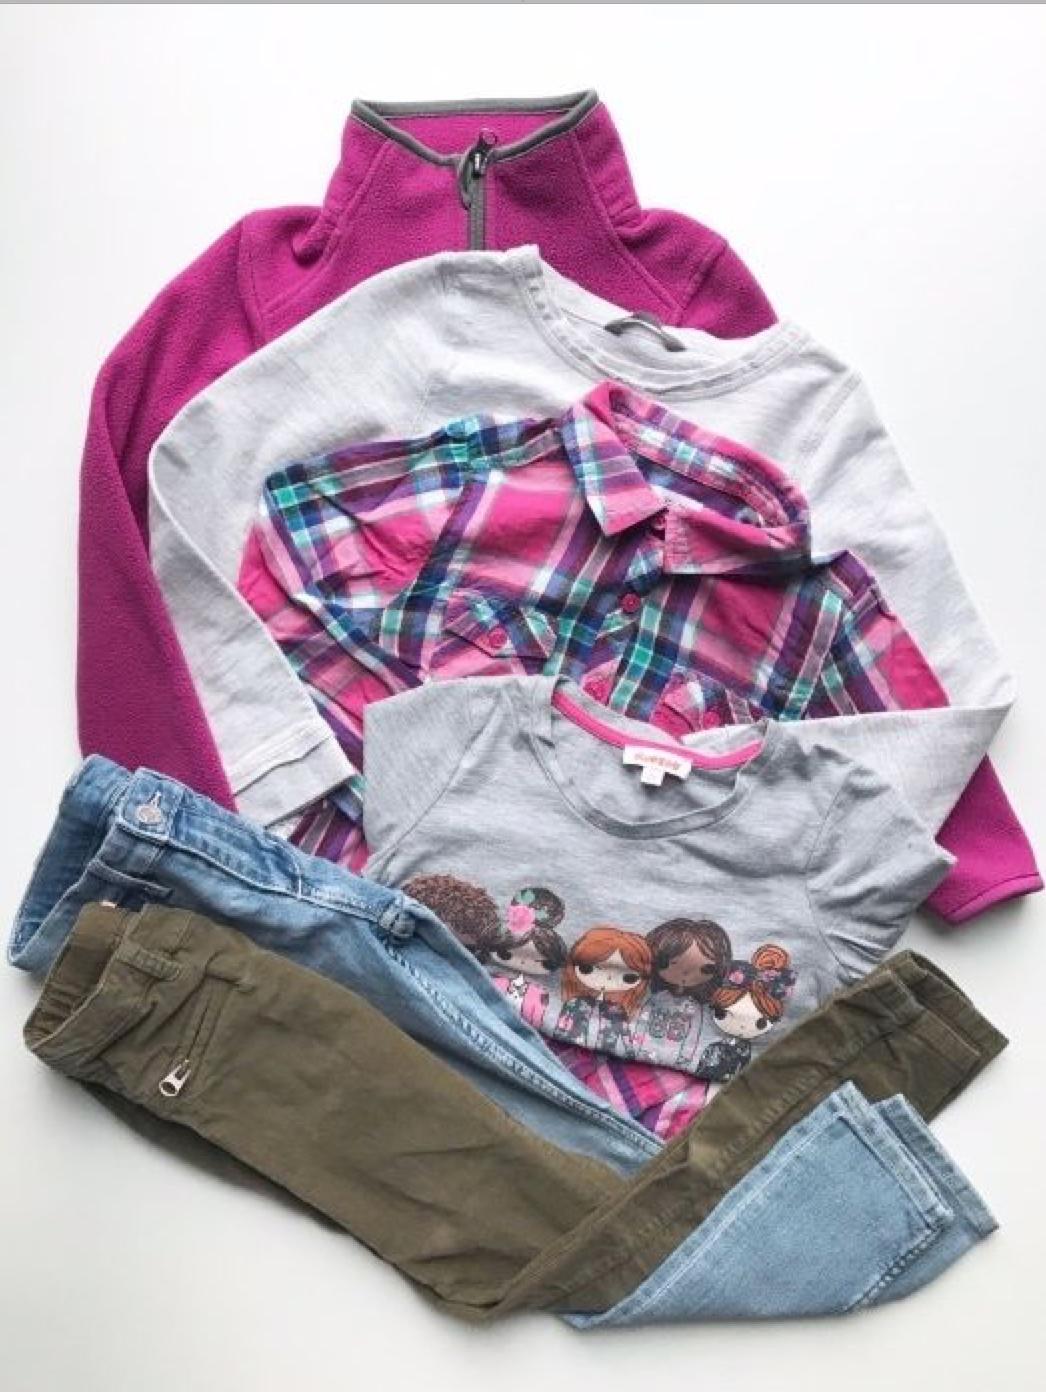 Zestaw dla dziewczynki 7 l, Zara, H&M, Lindex